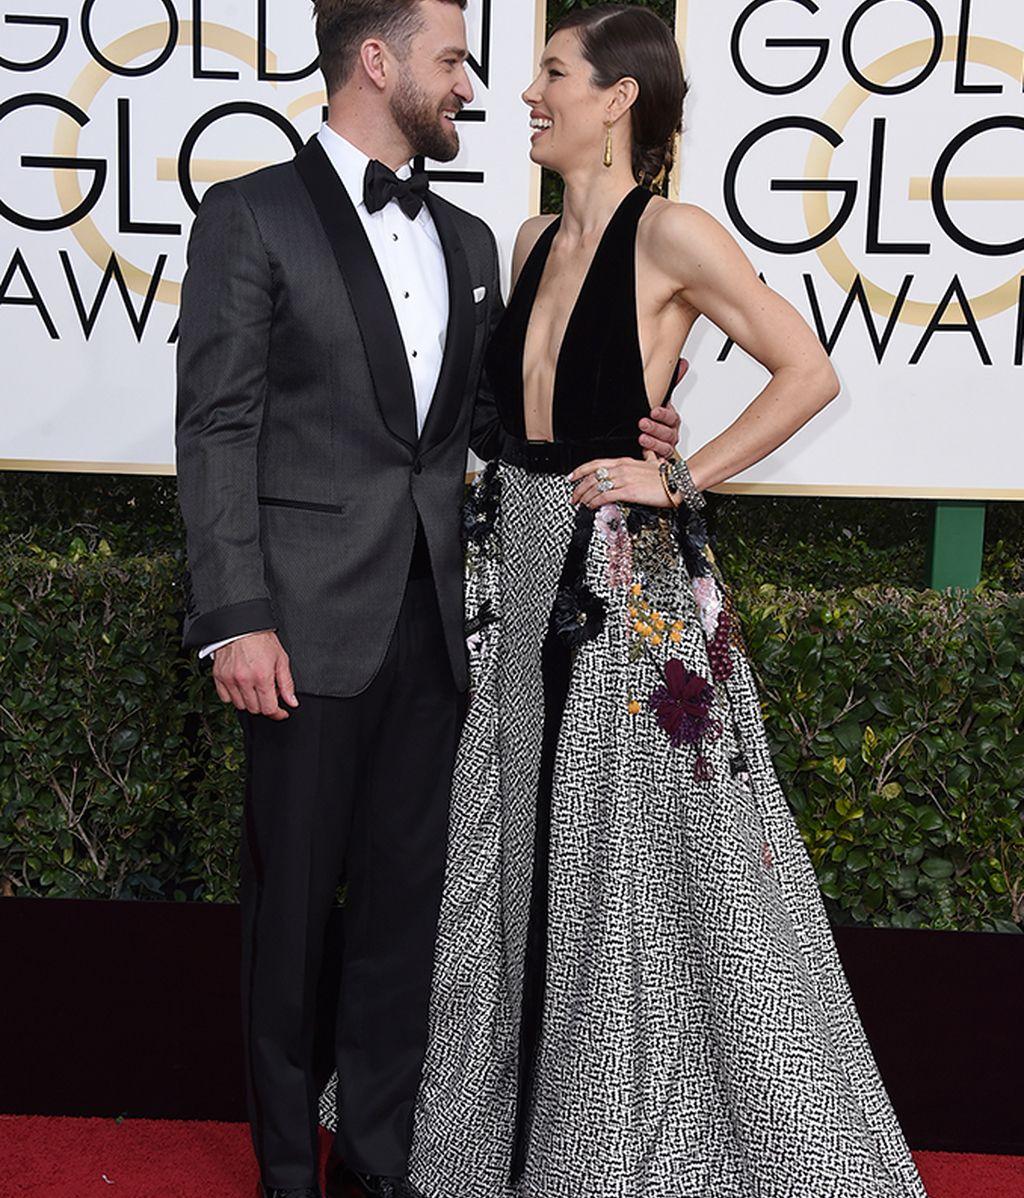 Posado de Justin Timberlake y Jessica Biel